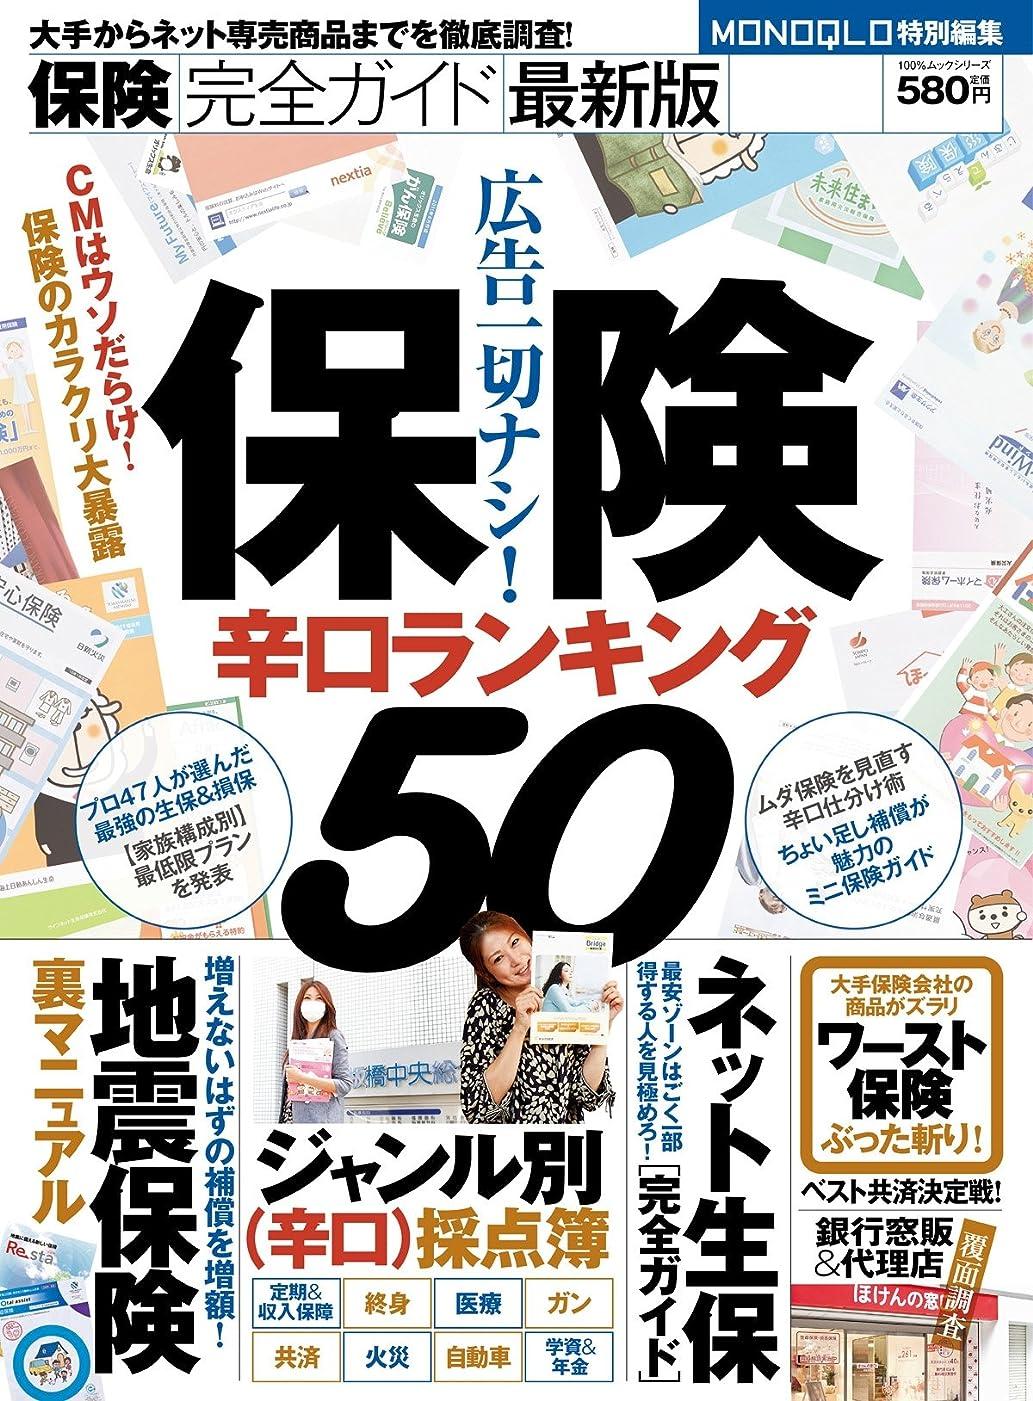 有用名門バター保険完全ガイド―保険辛口ランキング50― (100%ムックシリーズ)